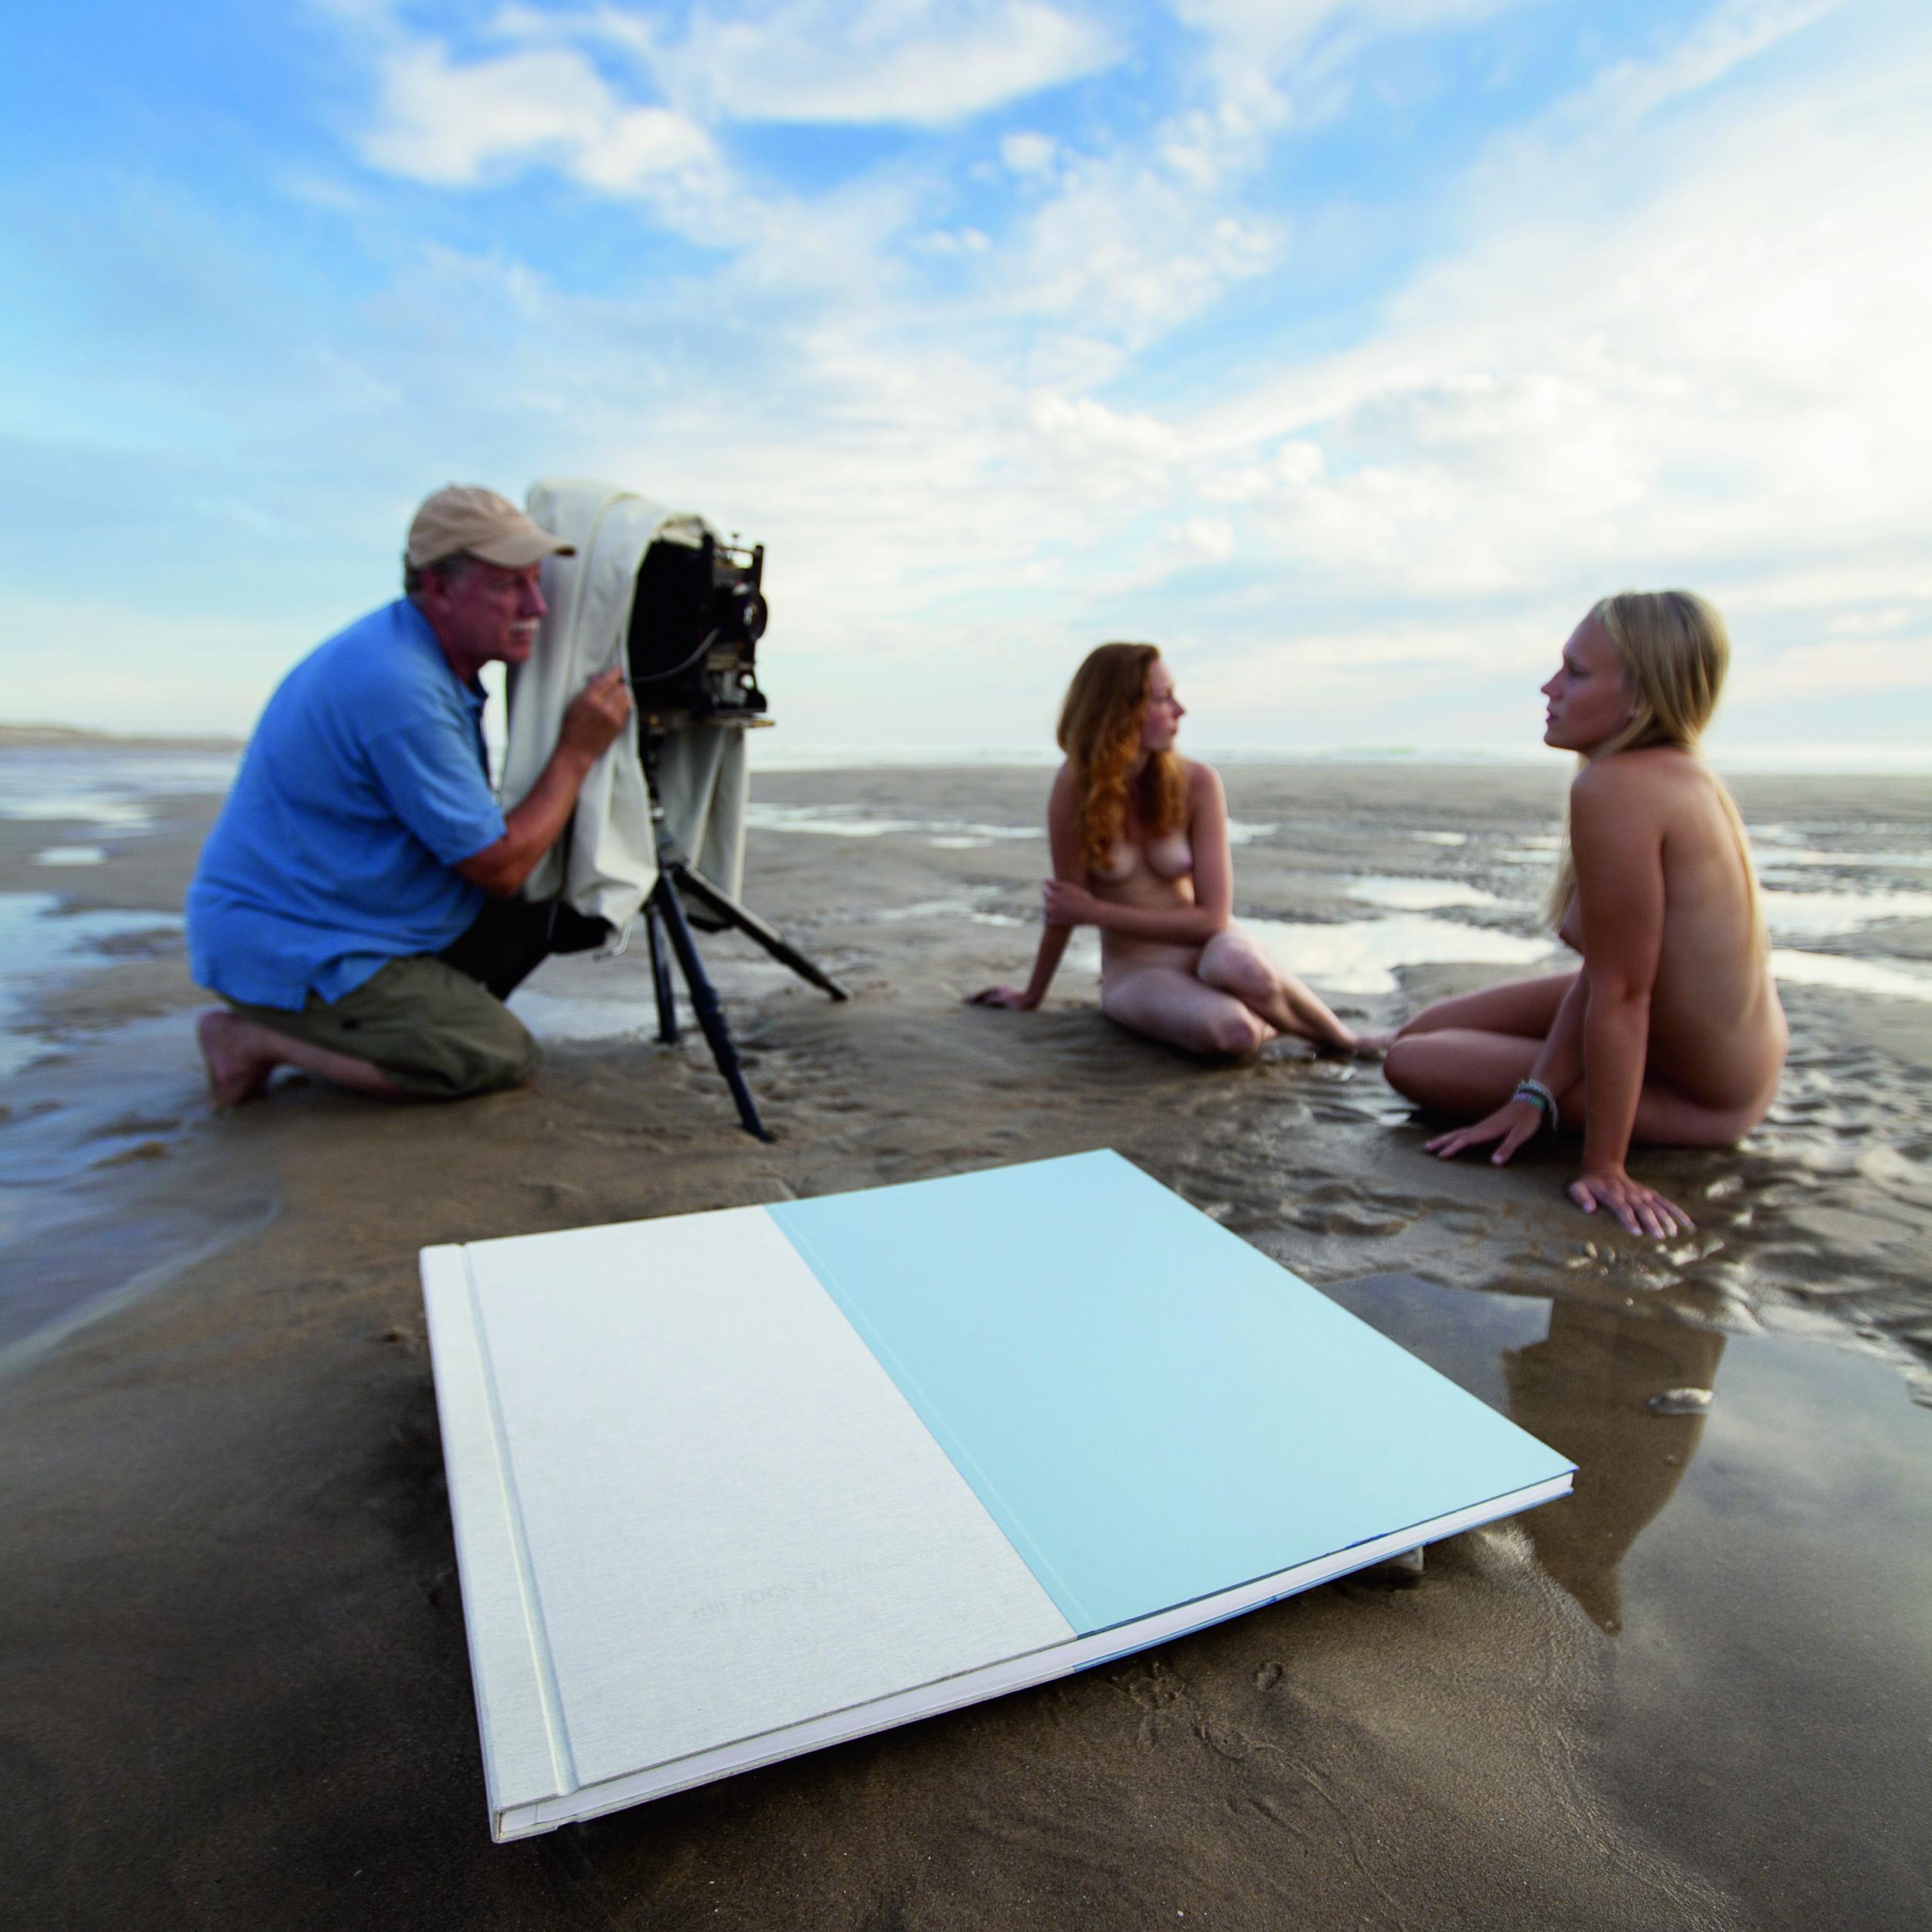 Jock Sturges am Strand mit seinen Modellen und seinem Buch